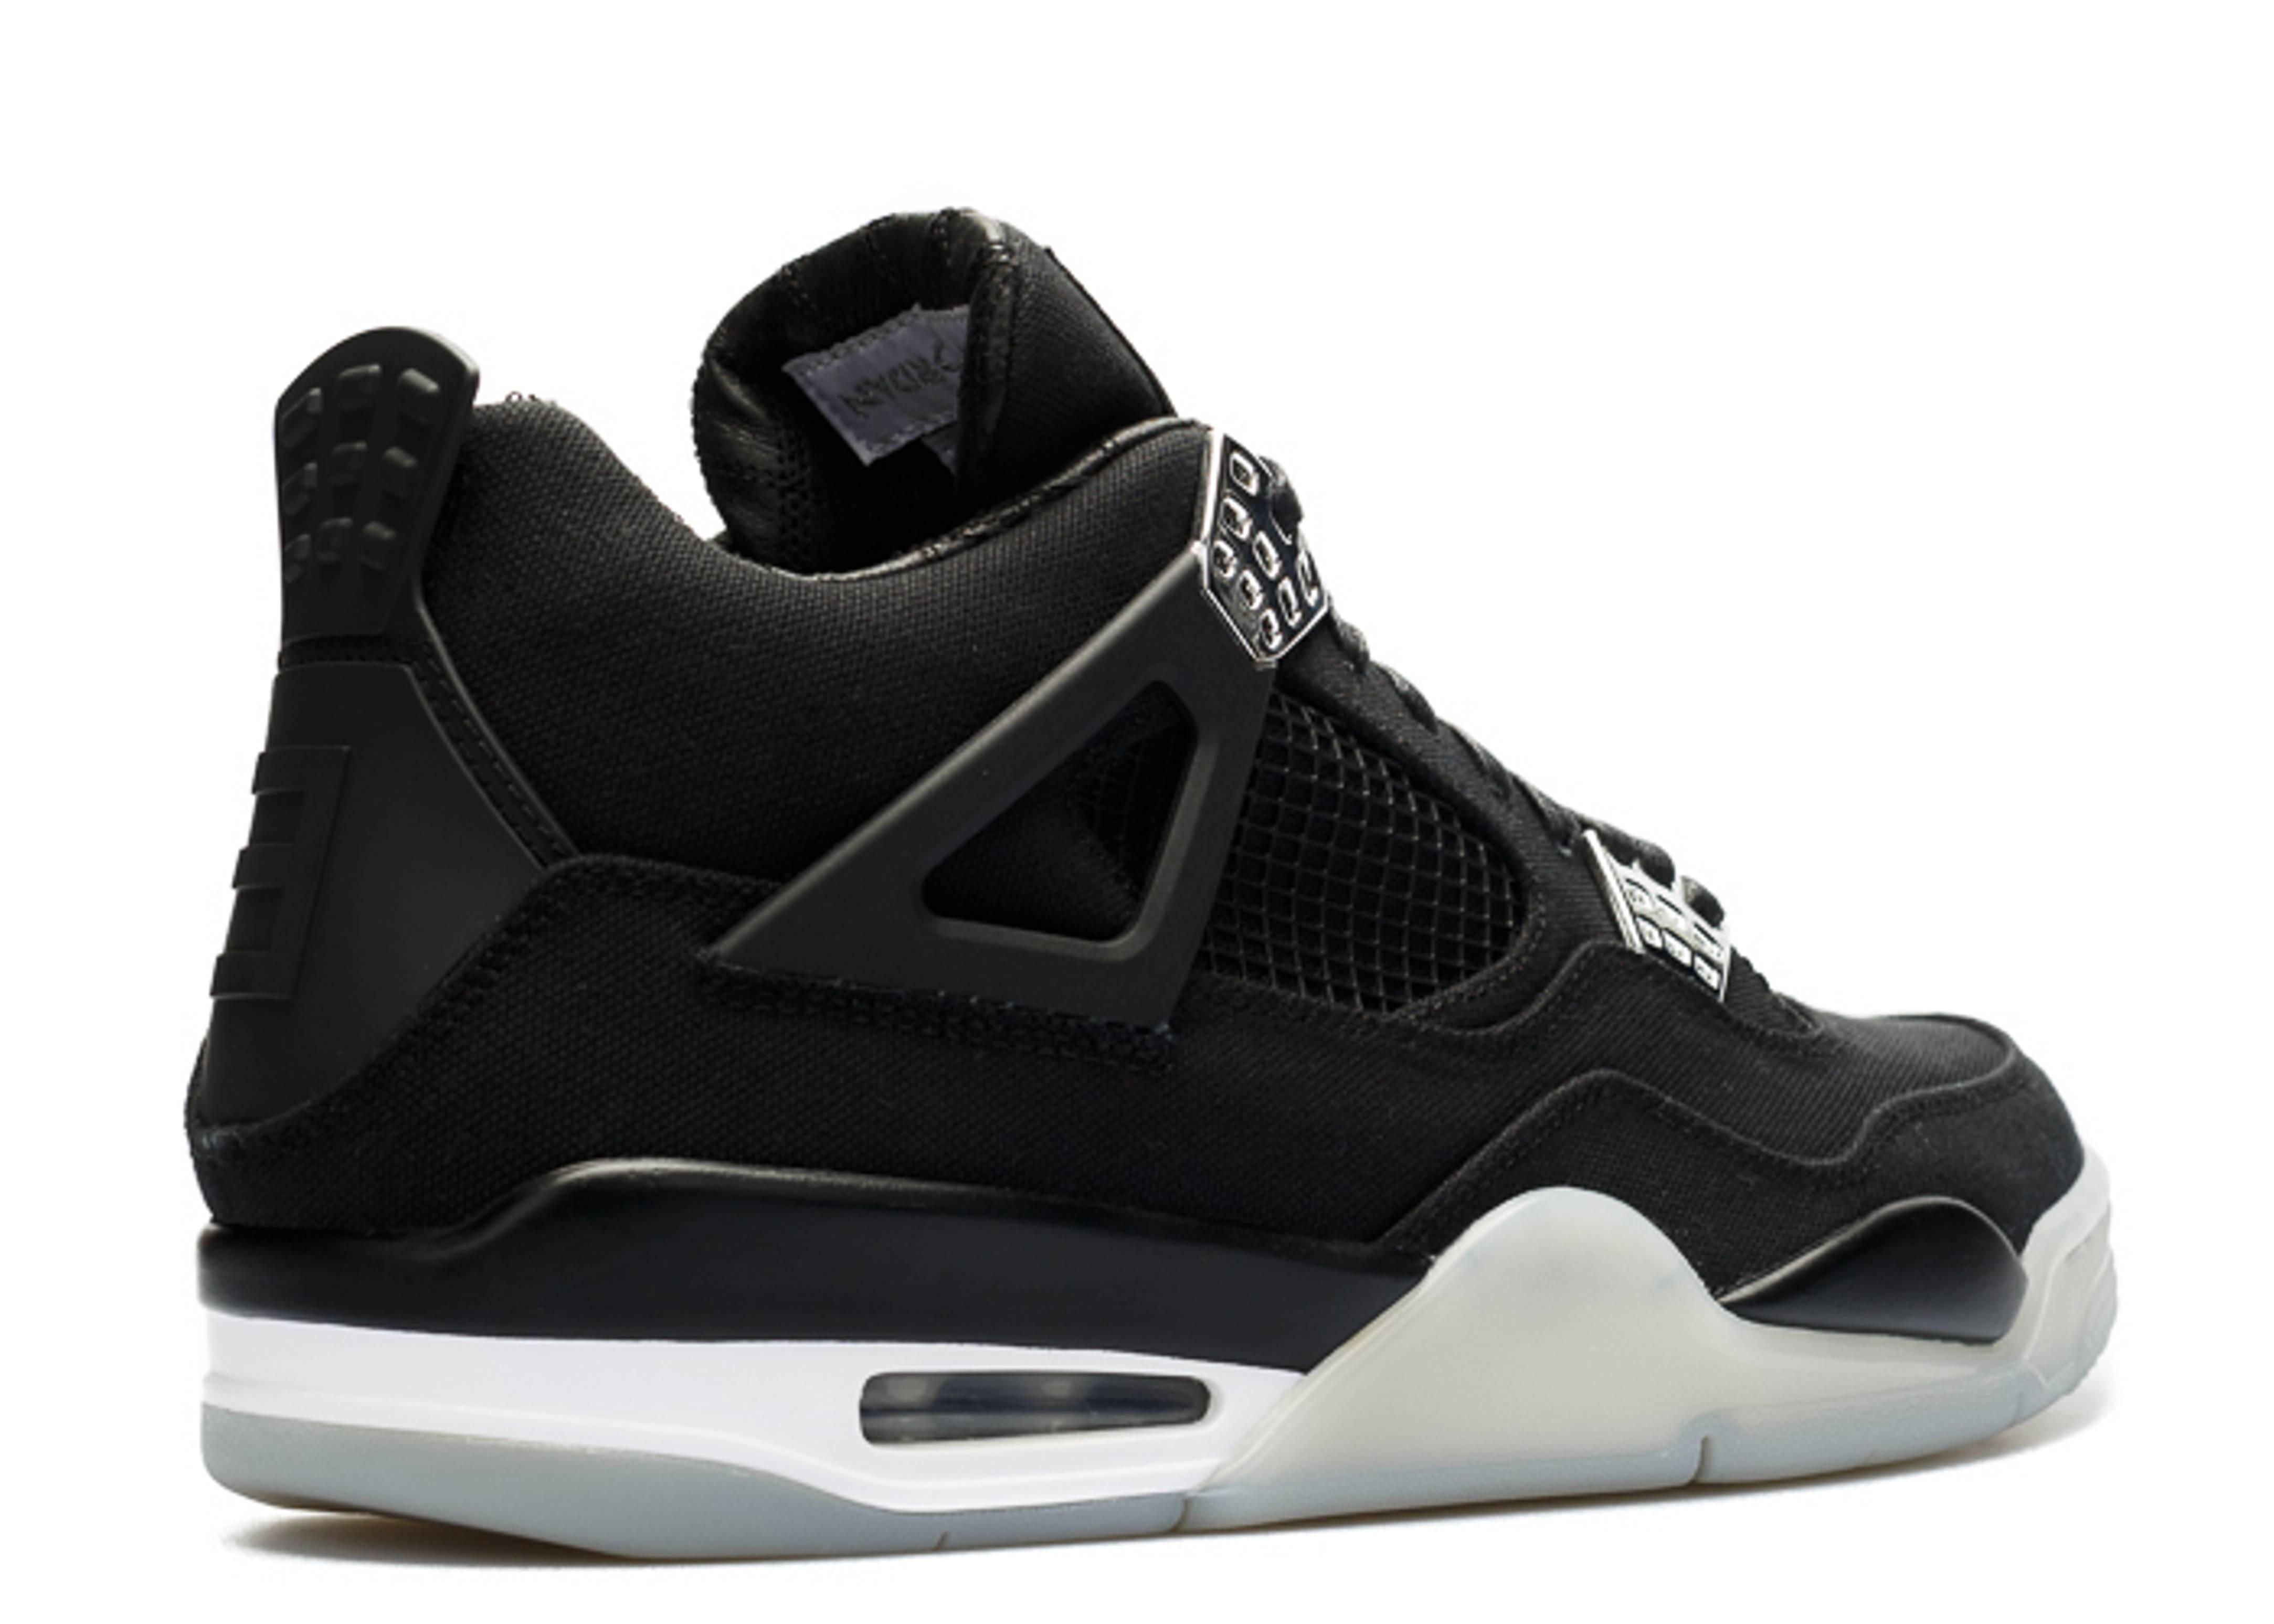 Air Jordans 4 Retro